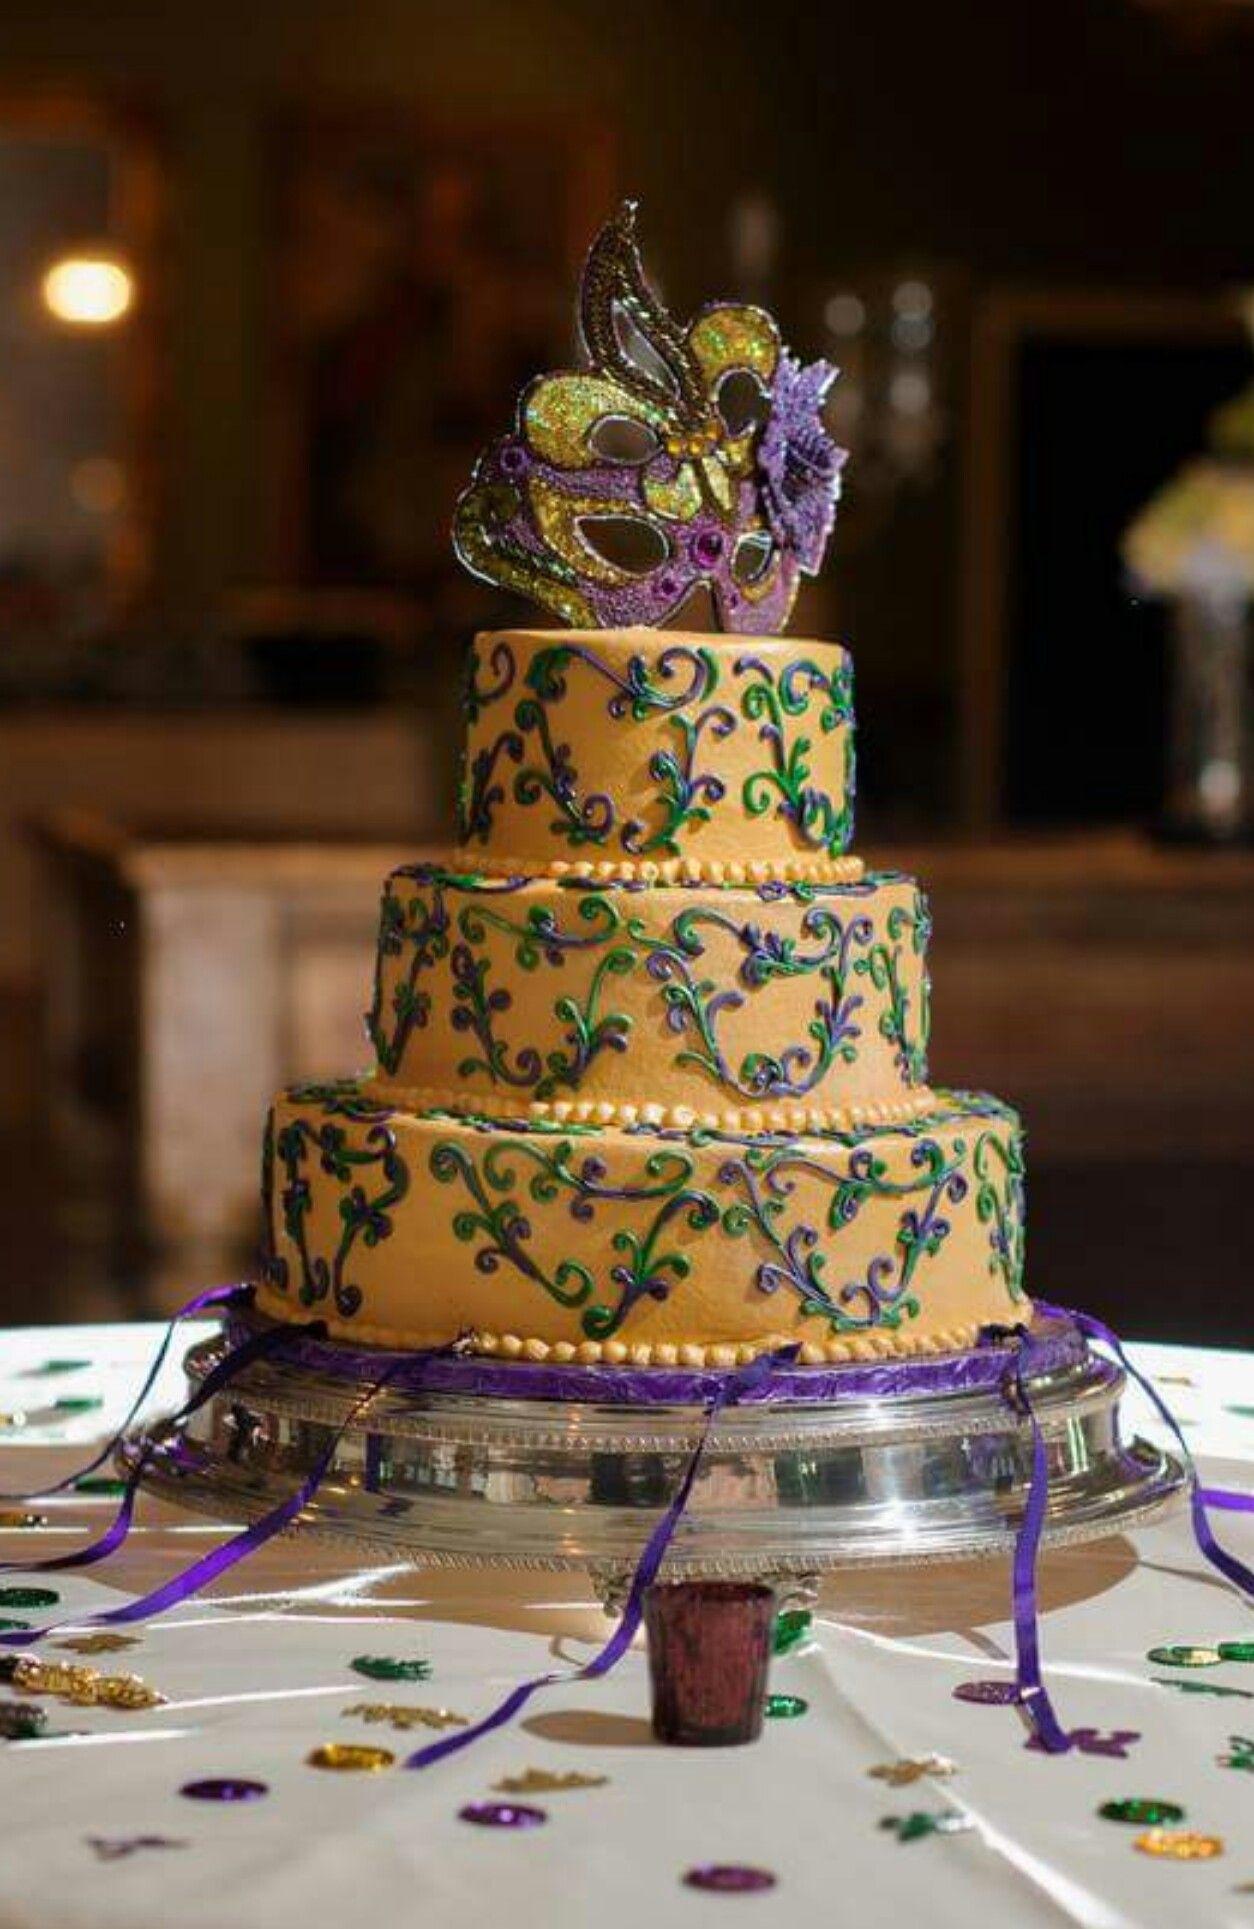 Mardi Gras Cake Pretty Mardi Gras Wedding Cake Mardi Gras Cake Cake